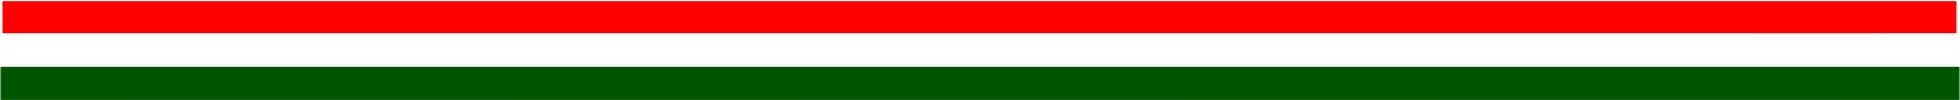 Magyar zászló Webbizi